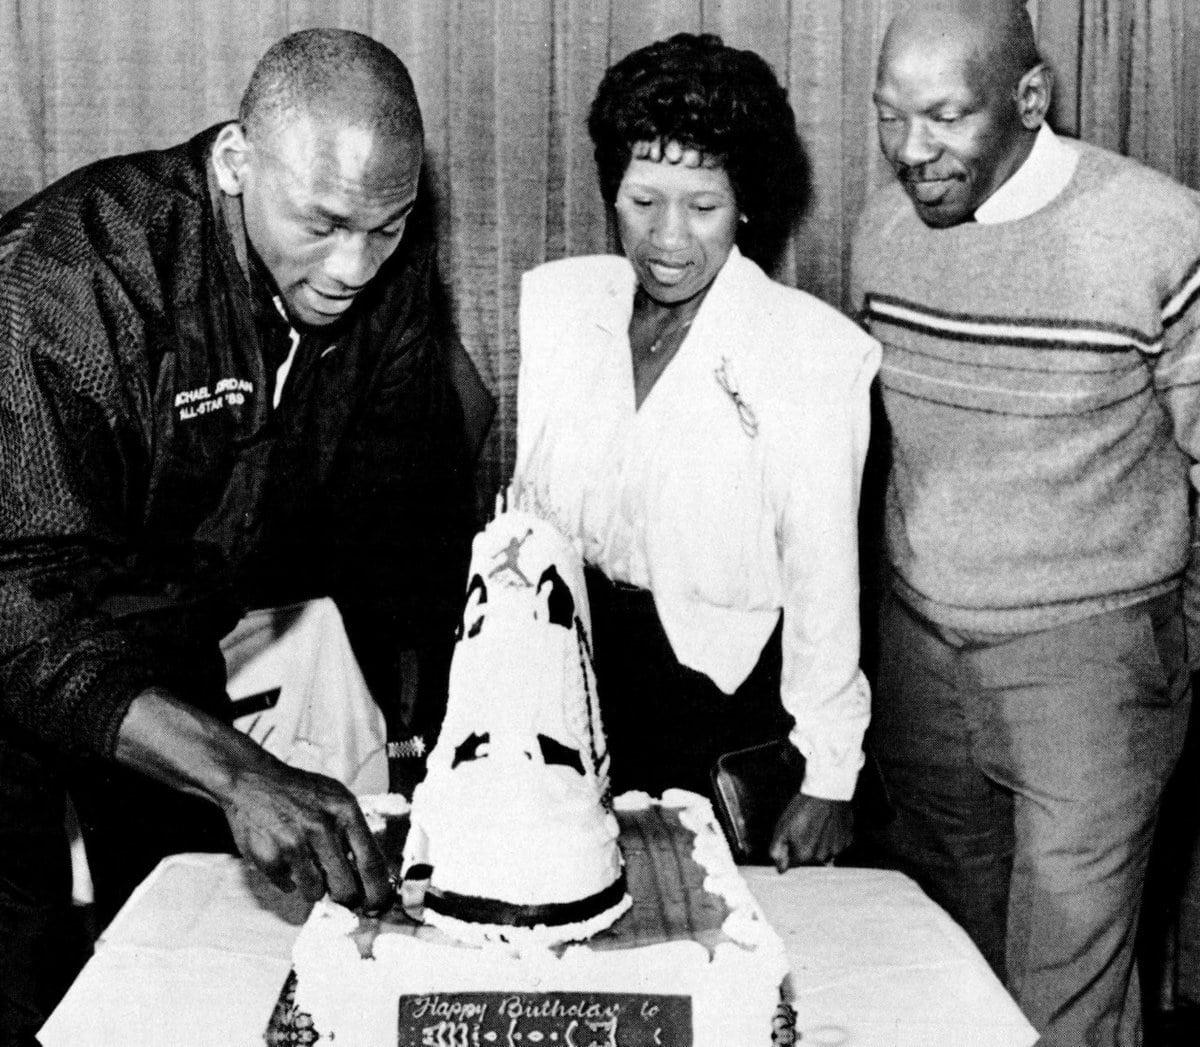 Michael Jordan Nike Air shoe cake Jet Mar 13, 1989